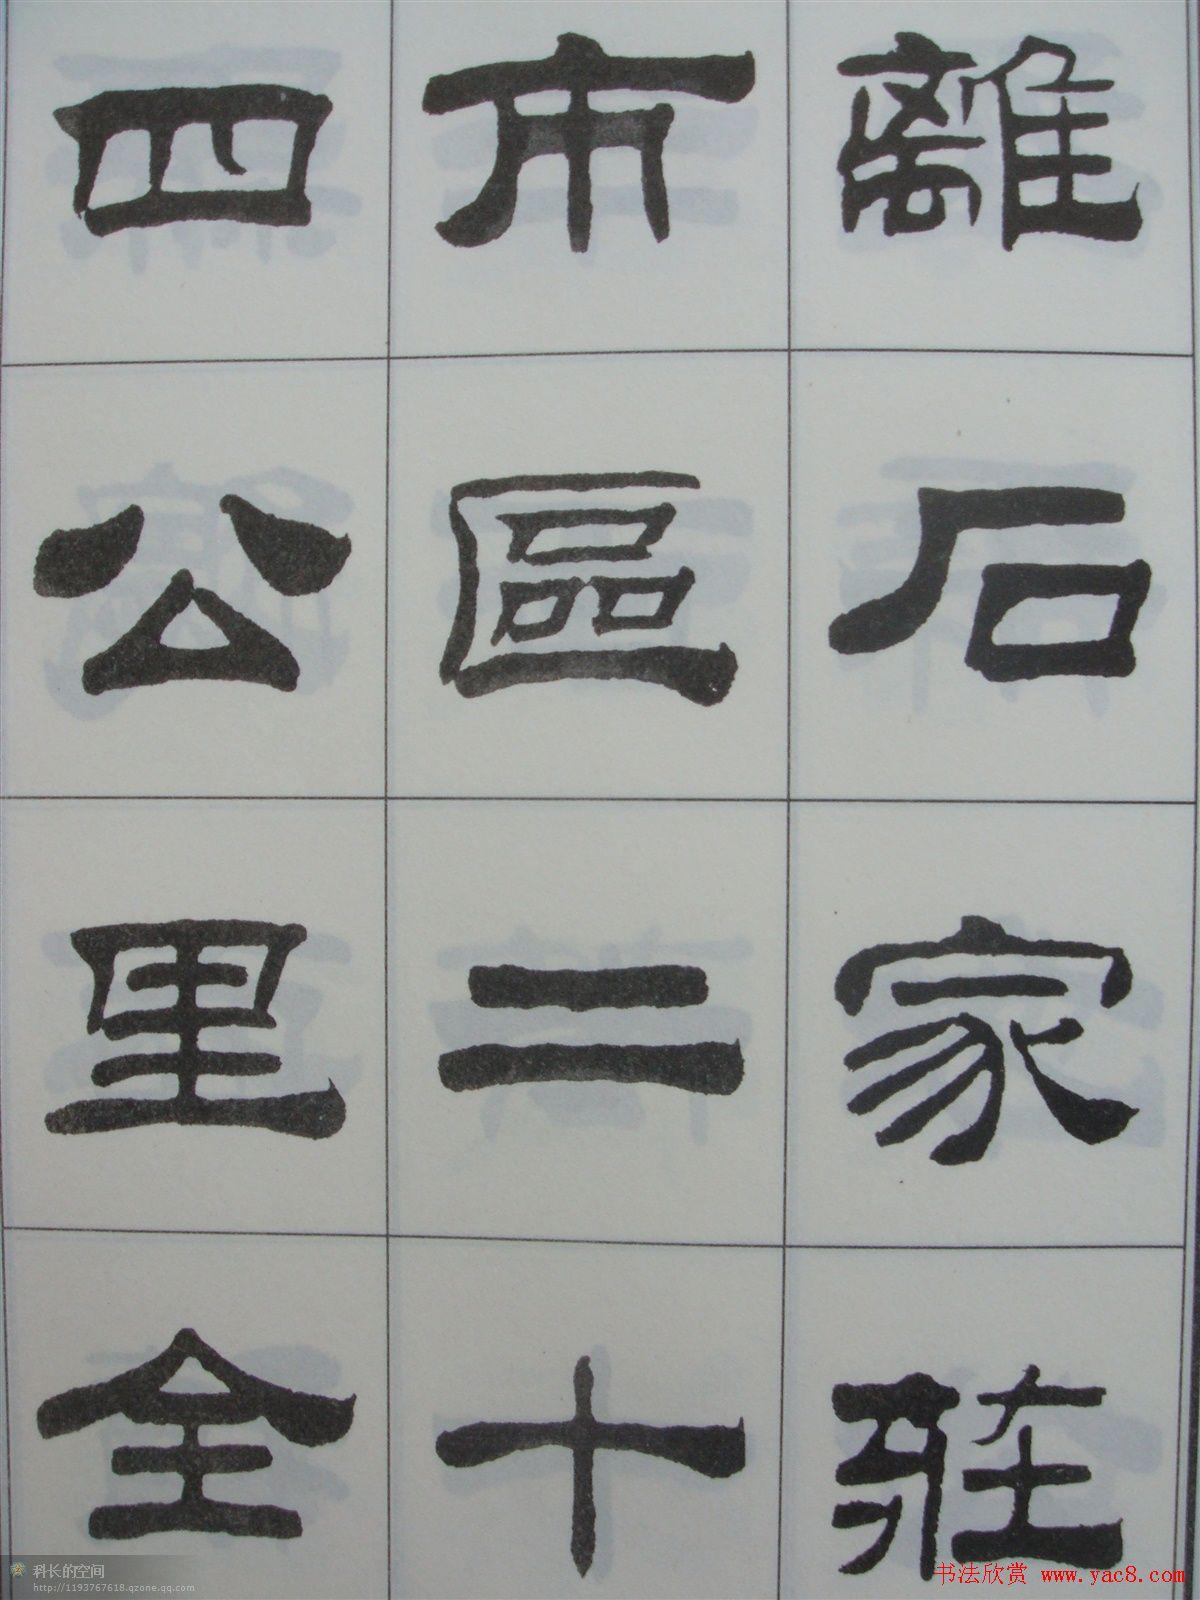 字帖欣赏《刘炳森隶书古栾三碑》(11)图片